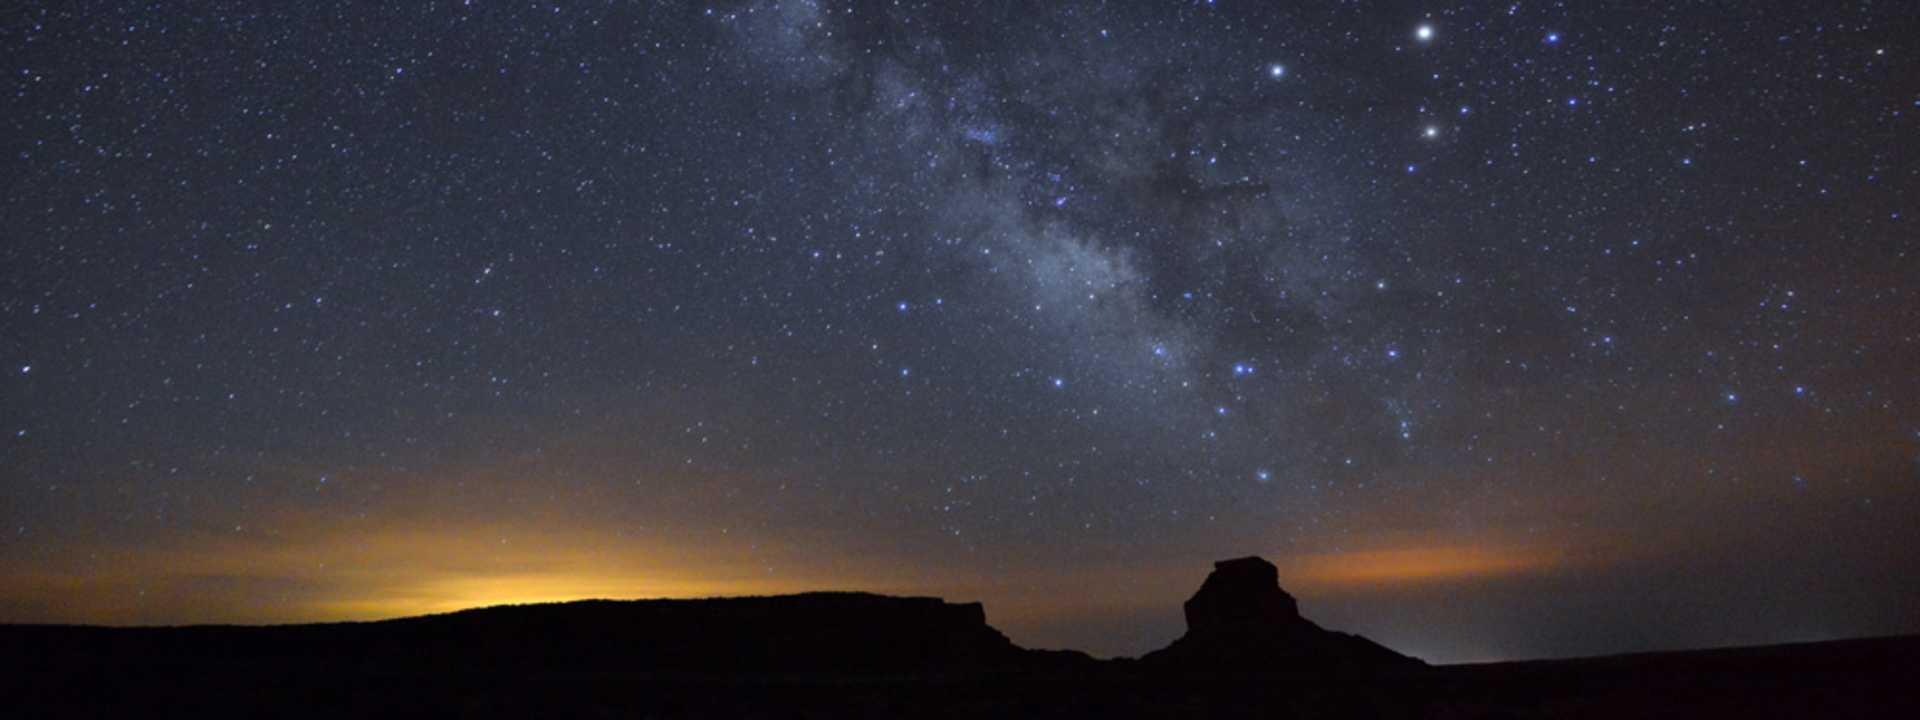 Chaco Canyon at night